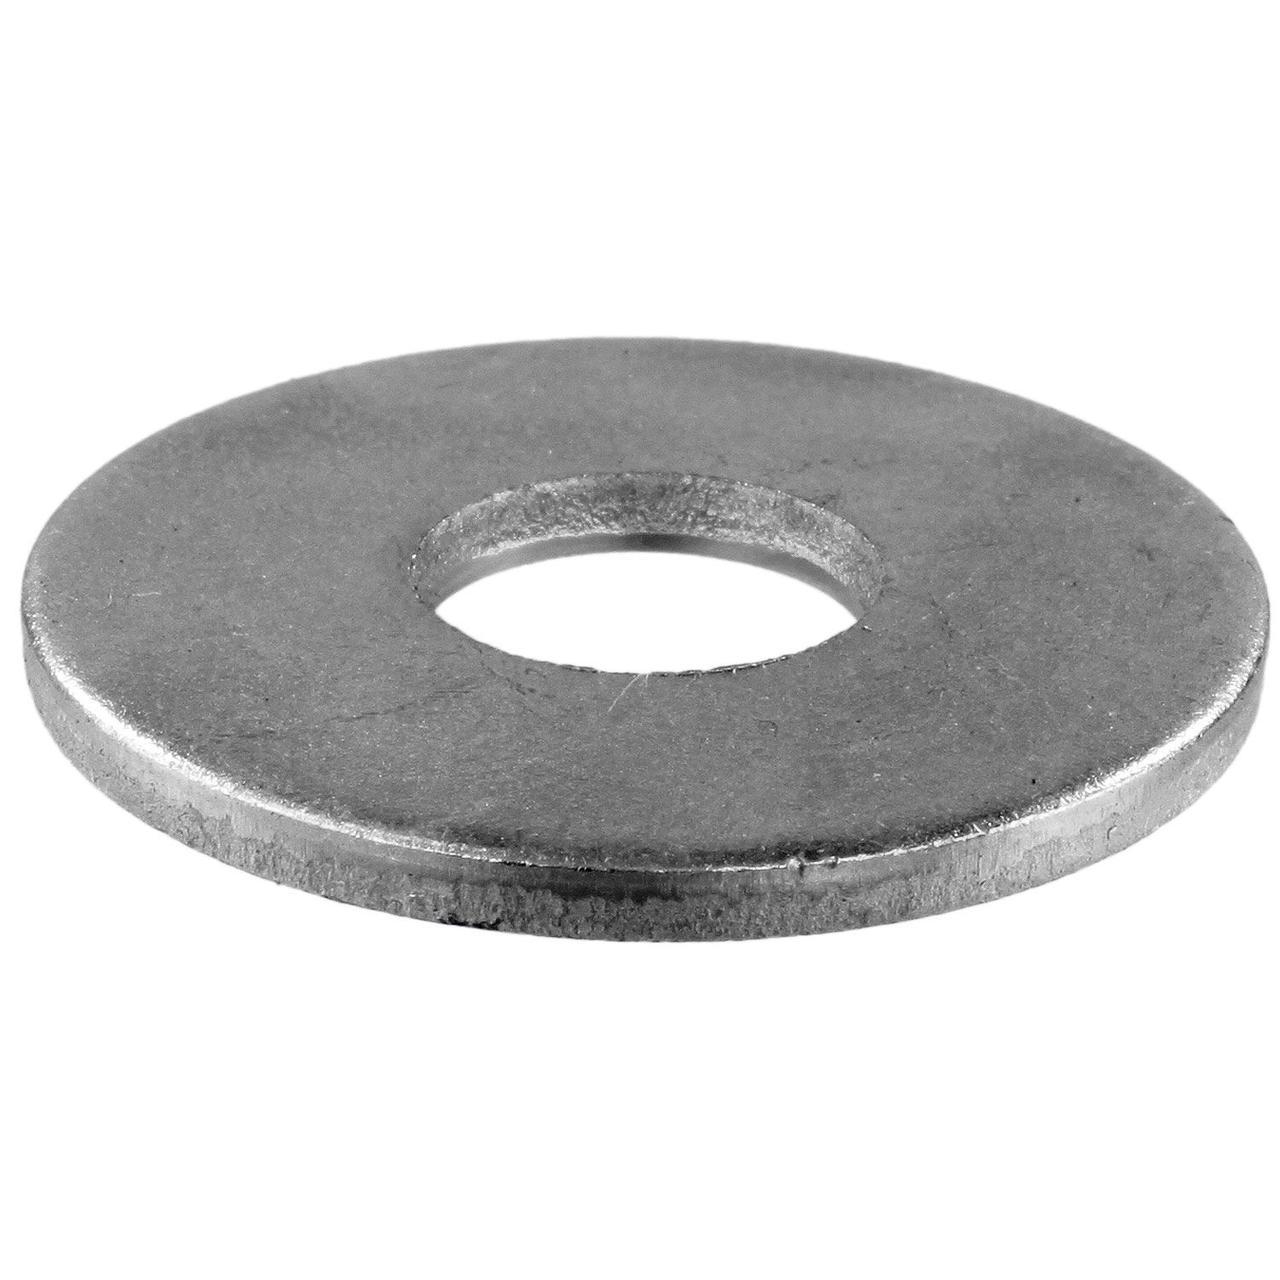 Кольцо ст 45 1080х455х250 мм